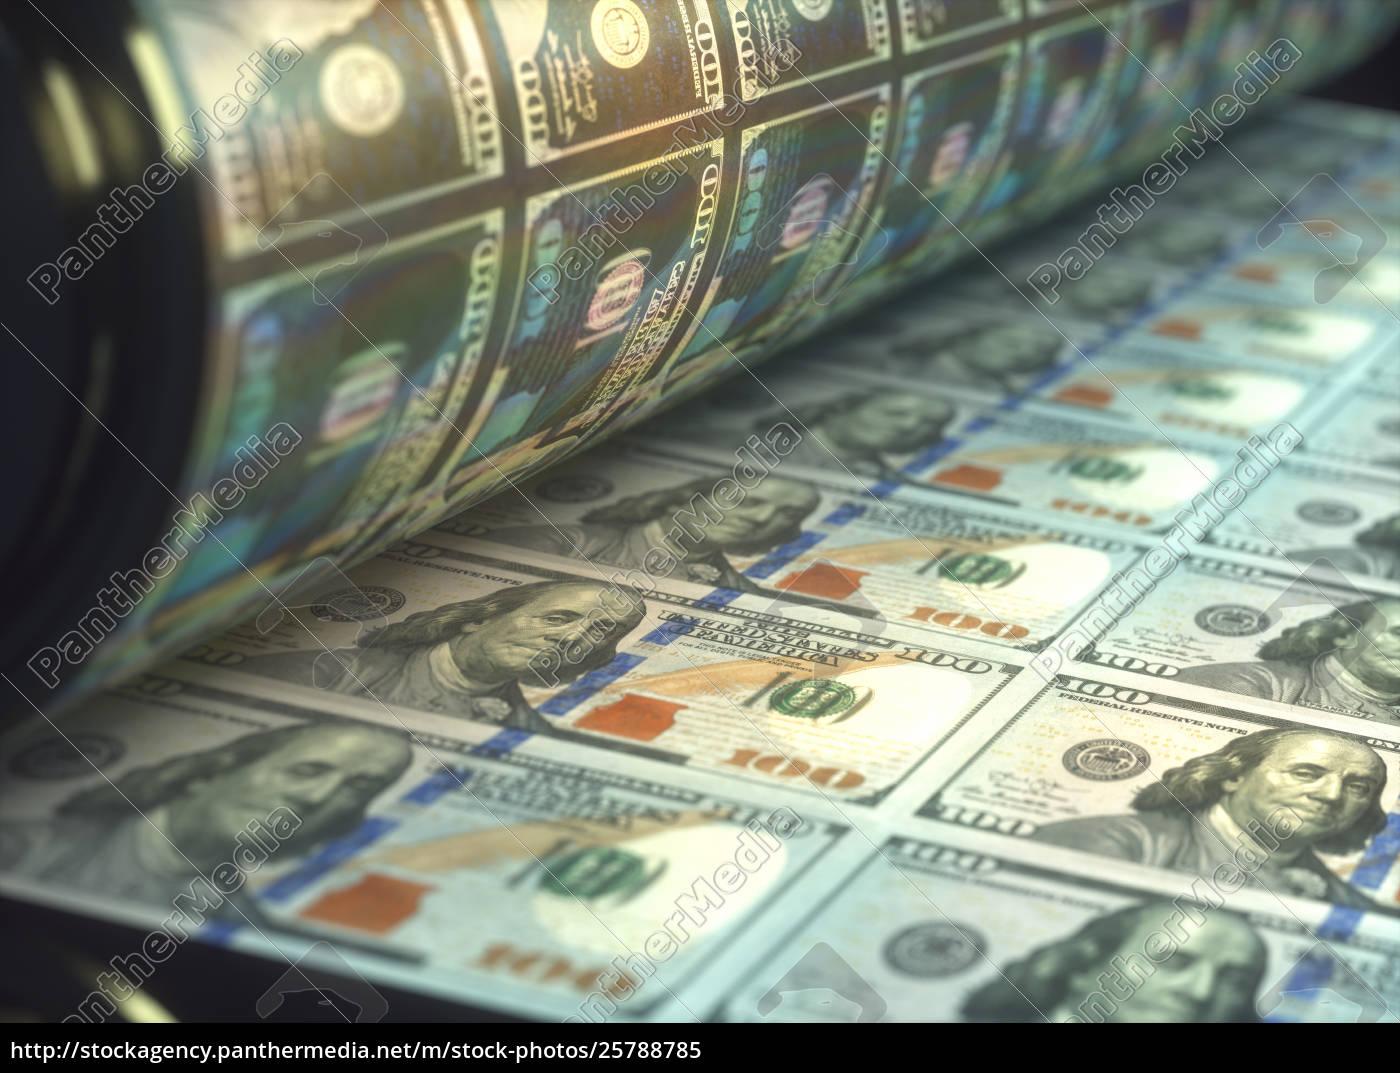 Printing Us Dollar Bills 25788785